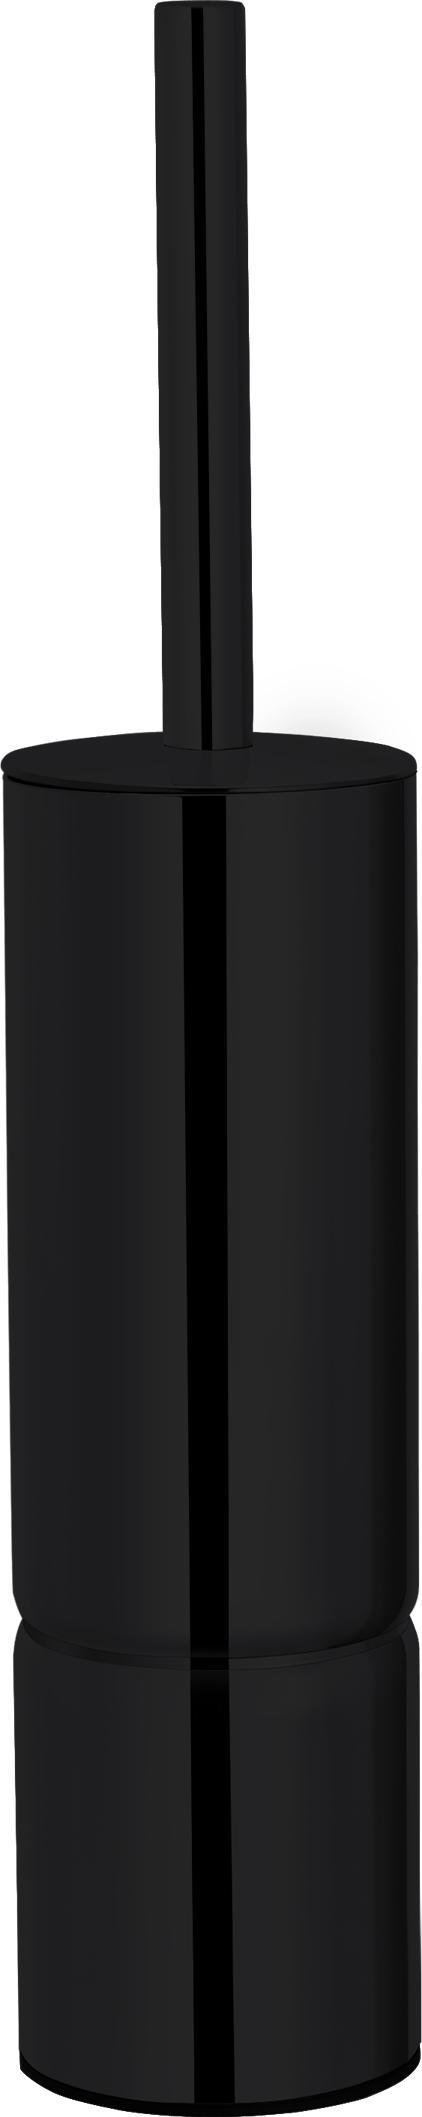 Best Design Nero toiletborstel houder vrijstaand of voor wandmontage